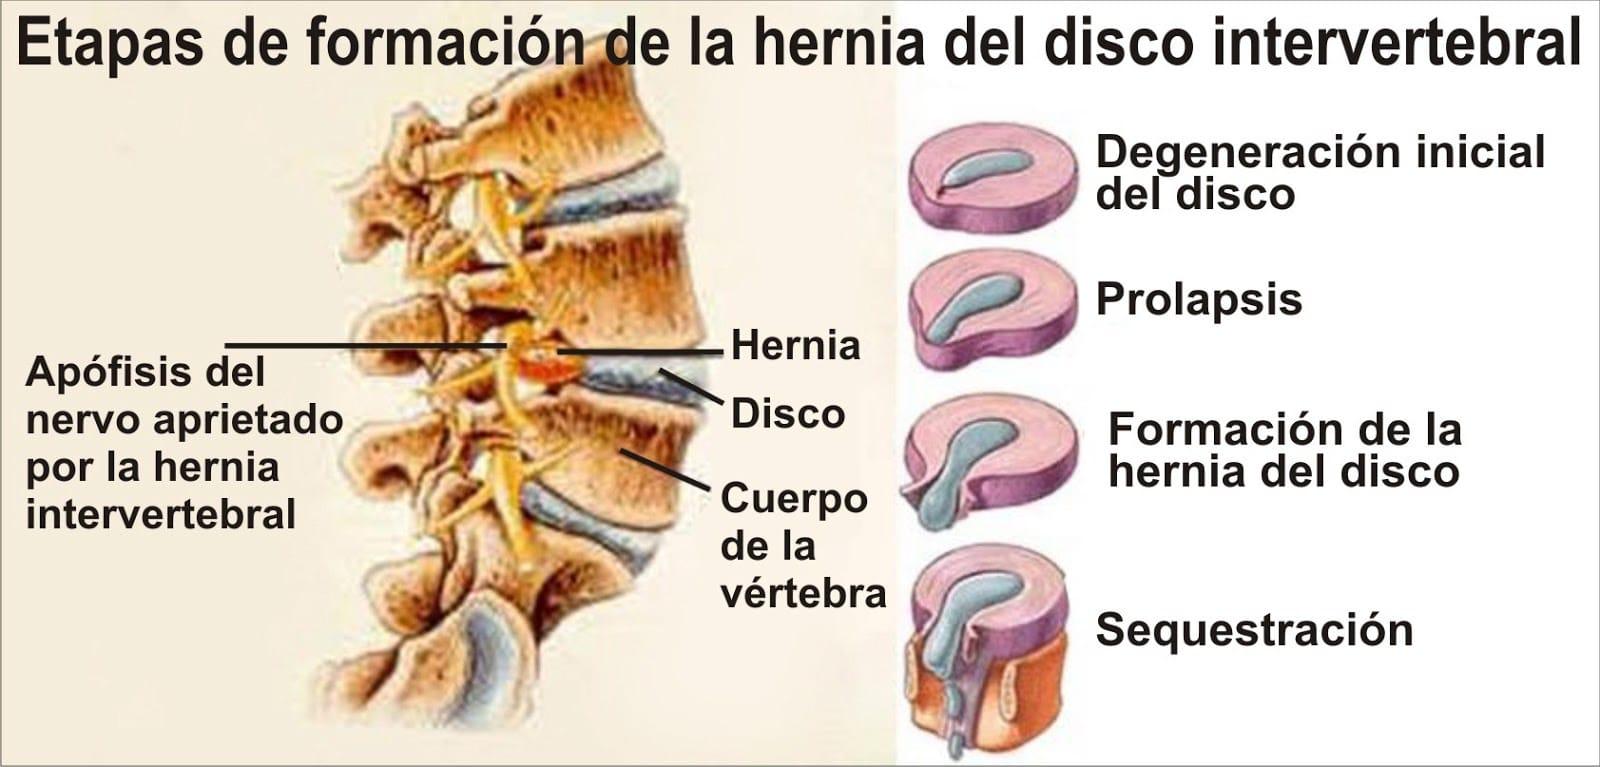 El complejo de los ejercicios a la osteocondrosis del departamento de pecho para el gimnasio